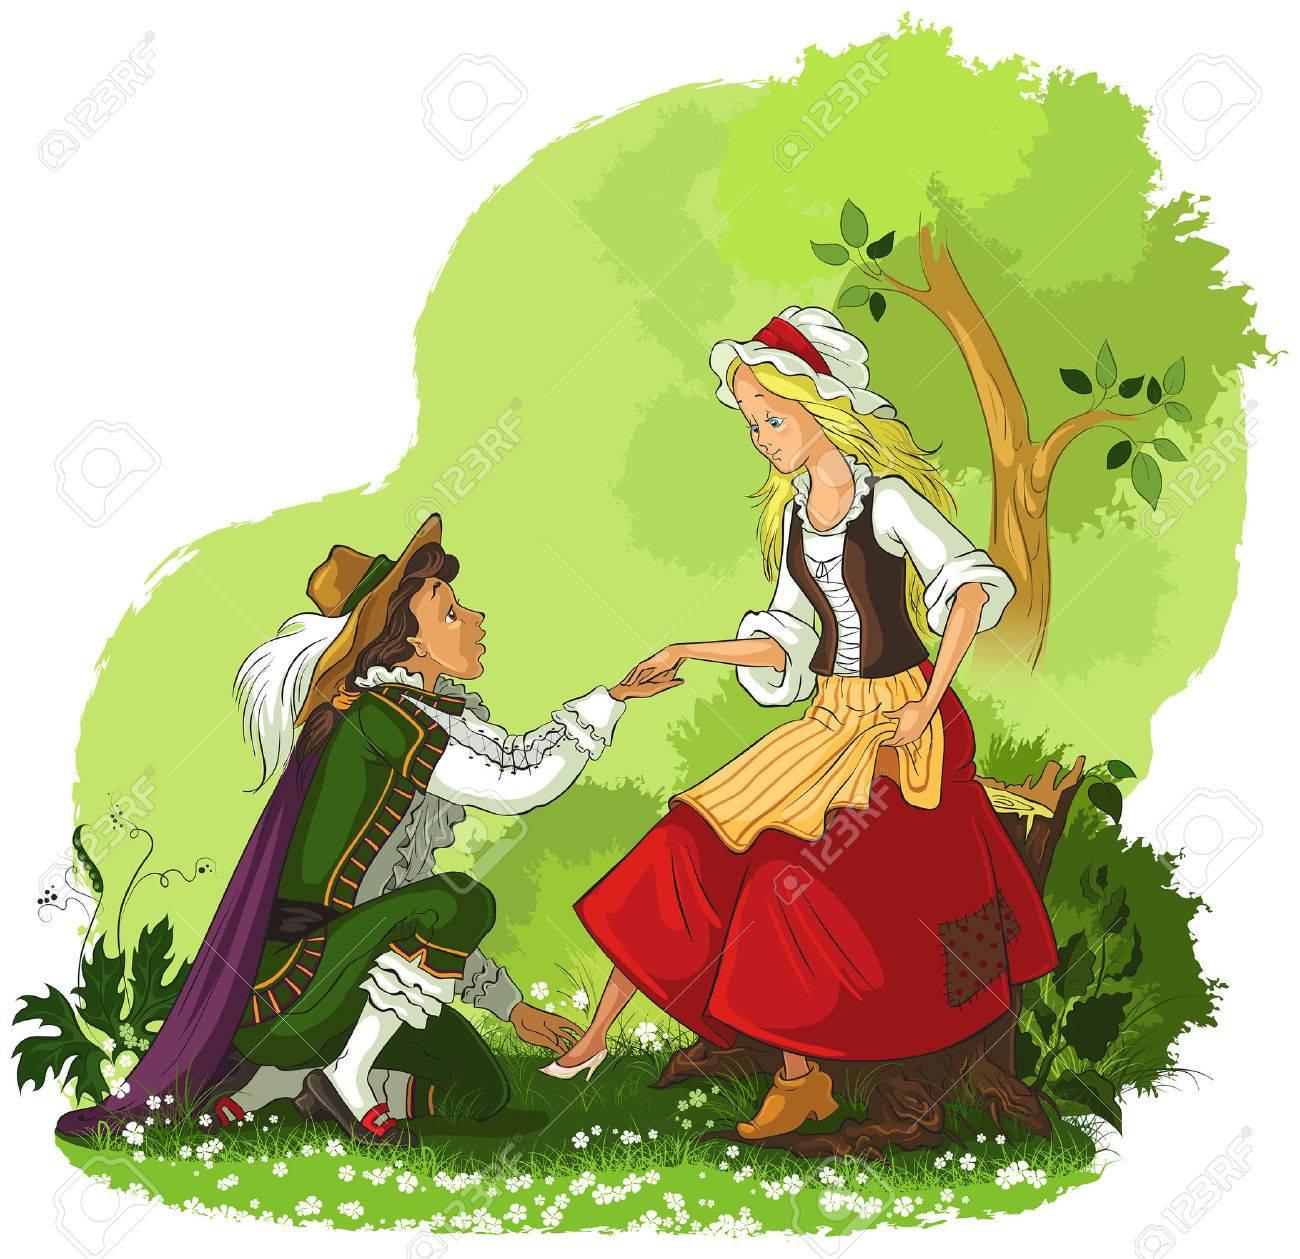 王子様はシンデレラにガラスの靴を入れてのイラスト素材ベクタ Image